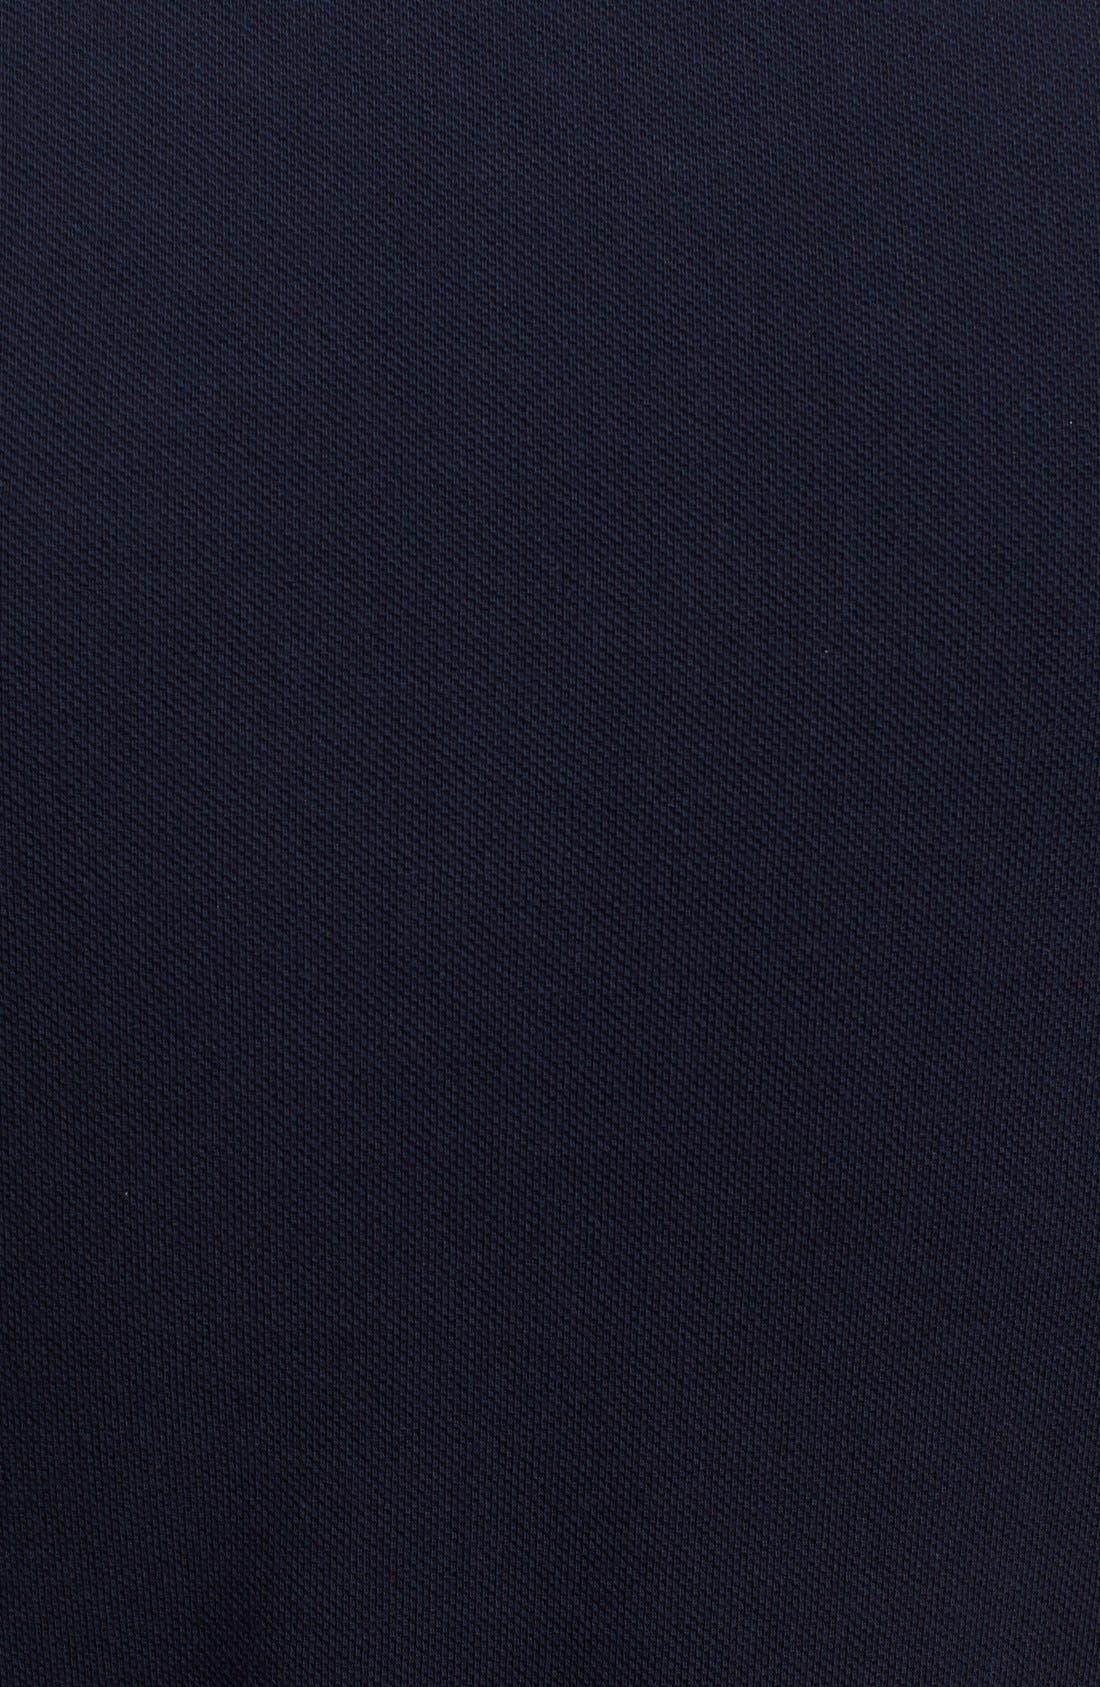 Comme des Garçons PLAY Cotton Piqué Polo,                             Alternate thumbnail 3, color,                             Navy